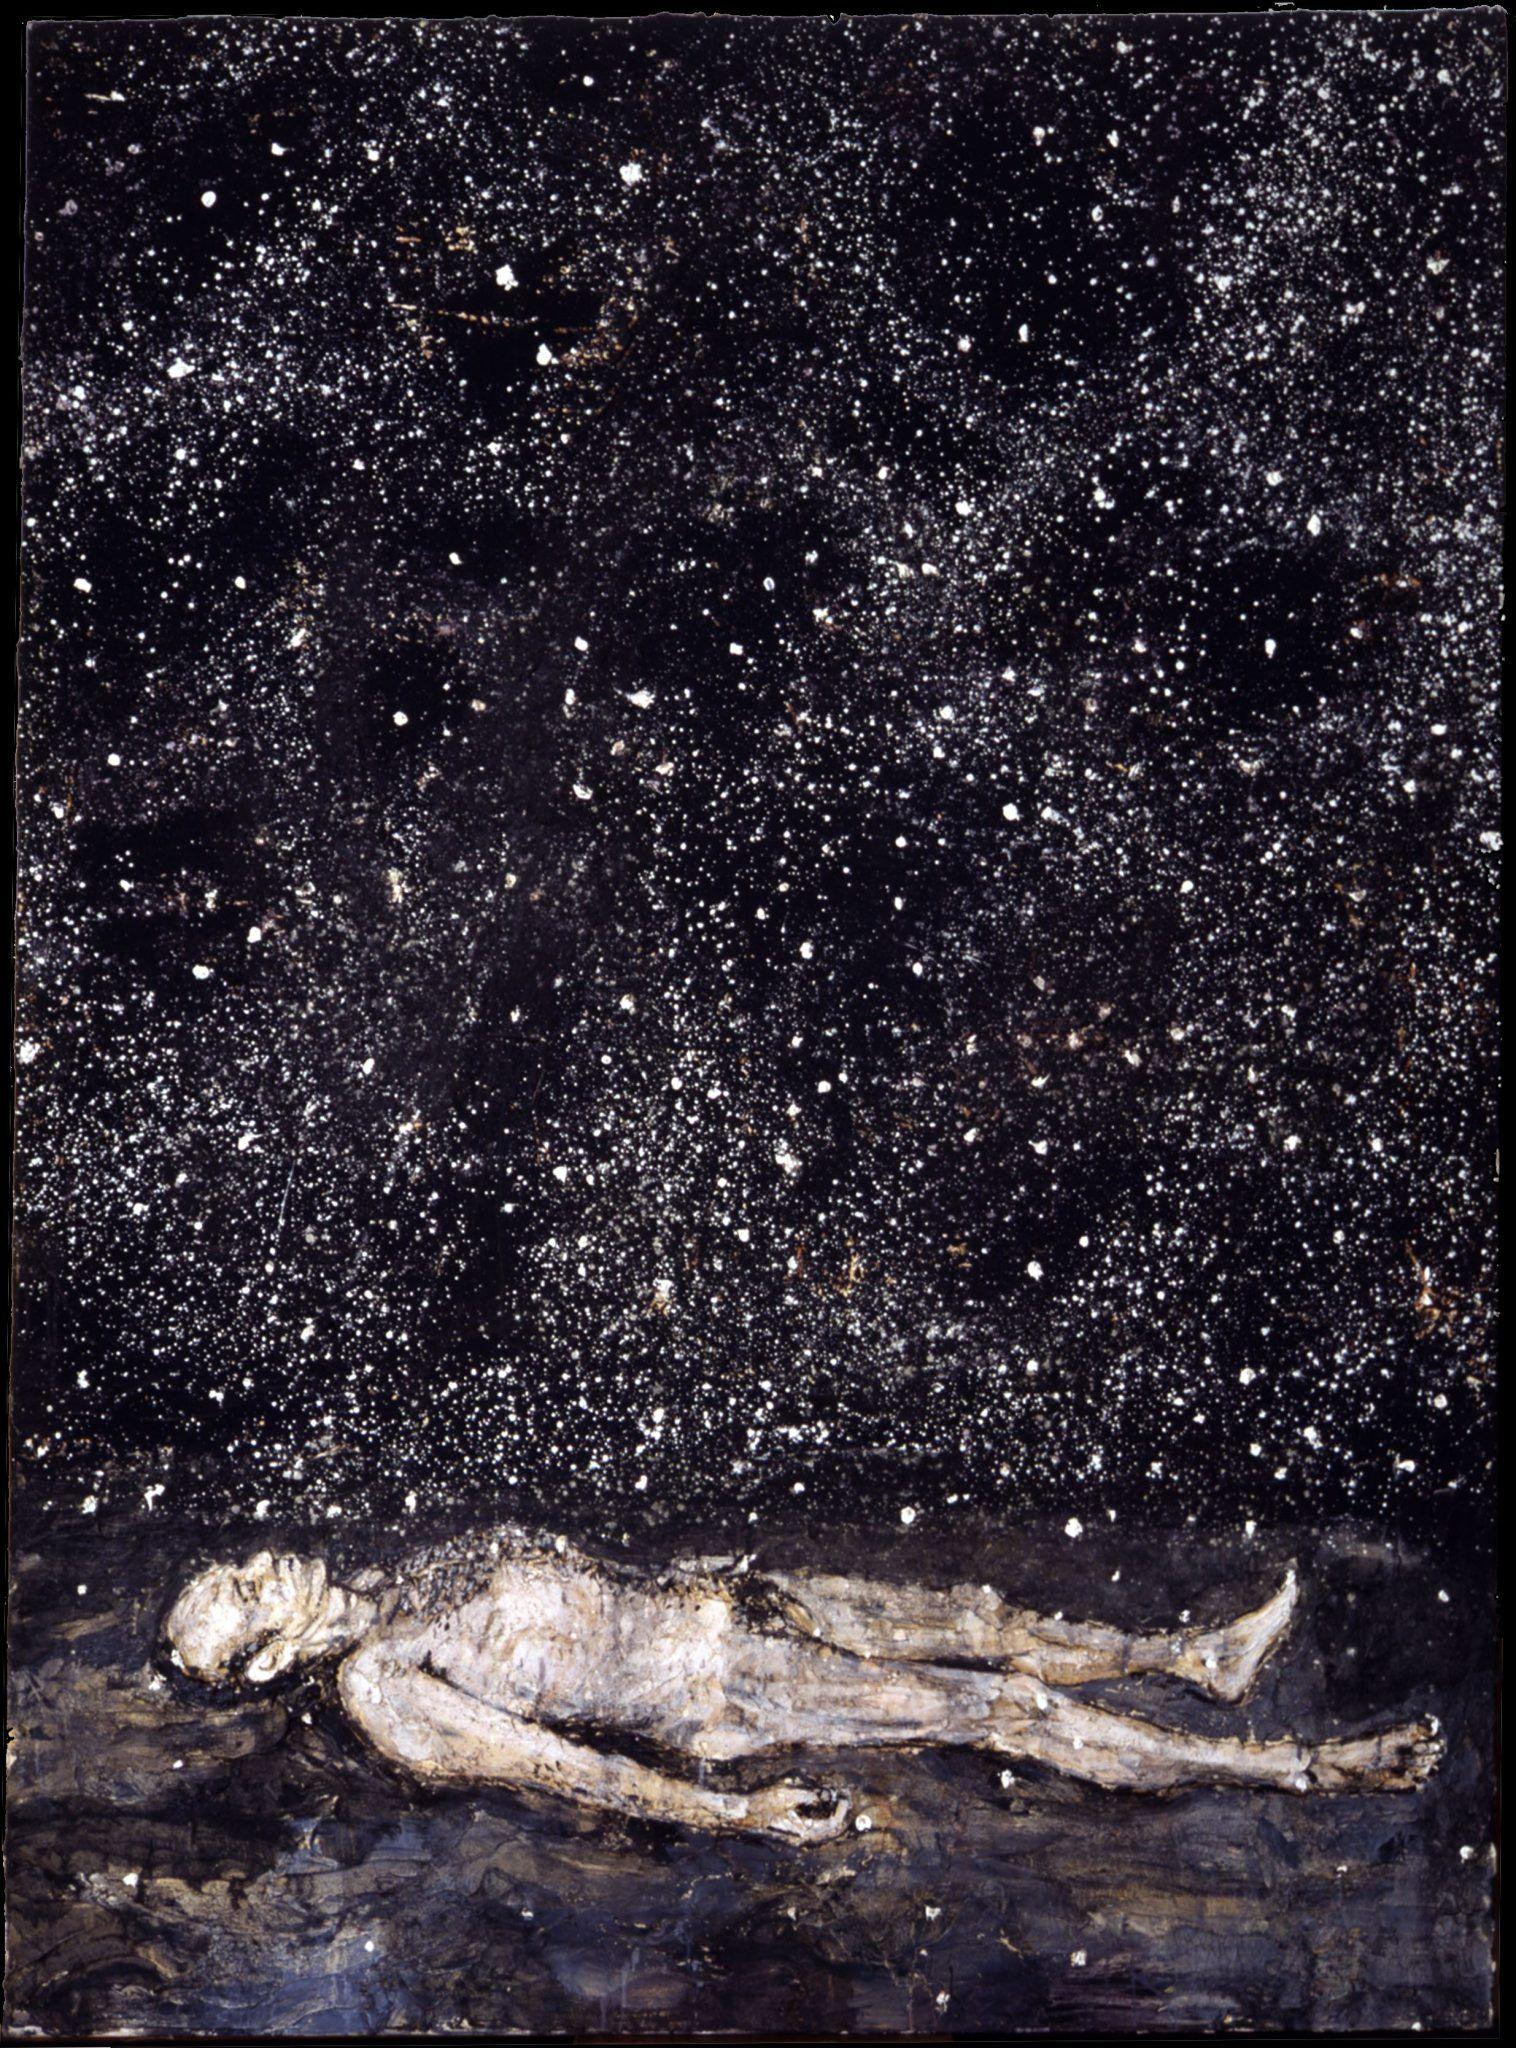 Anselm Kiefer, Untitled, 1995, acrilico su tela, Galleria Lia RummaAnselm Kiefer, Untitled, 1995, acrilico su tela, Galleria Lia Rumma